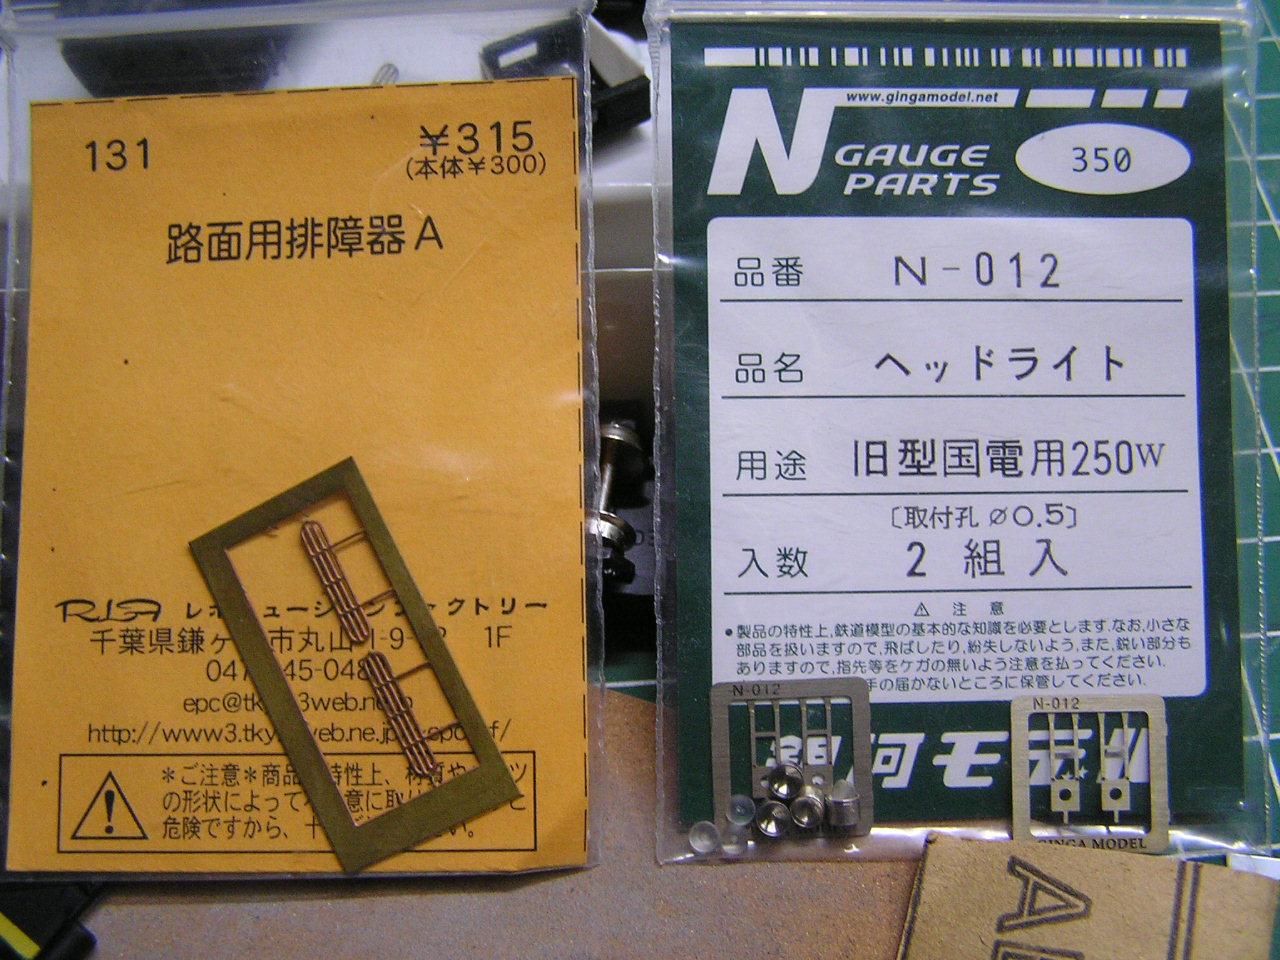 新潟交通のペア_e0137686_20485530.jpg